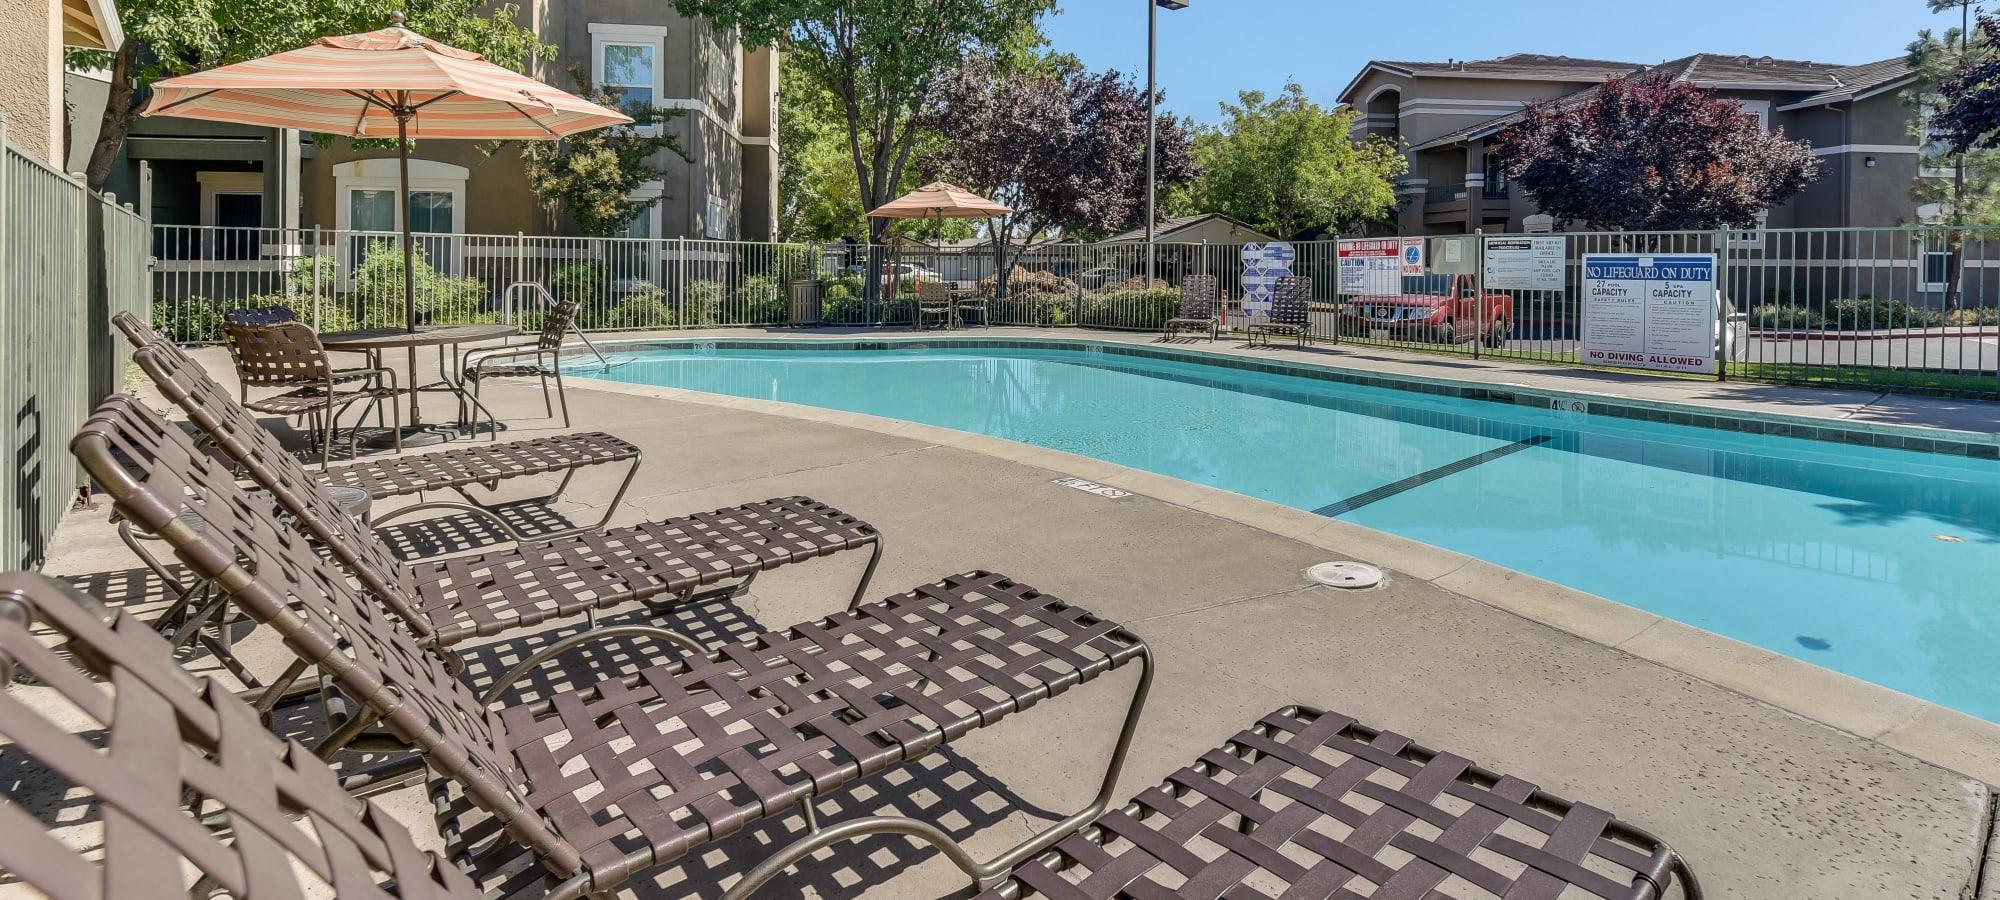 Natomas Park Apartments in Sacramento, California